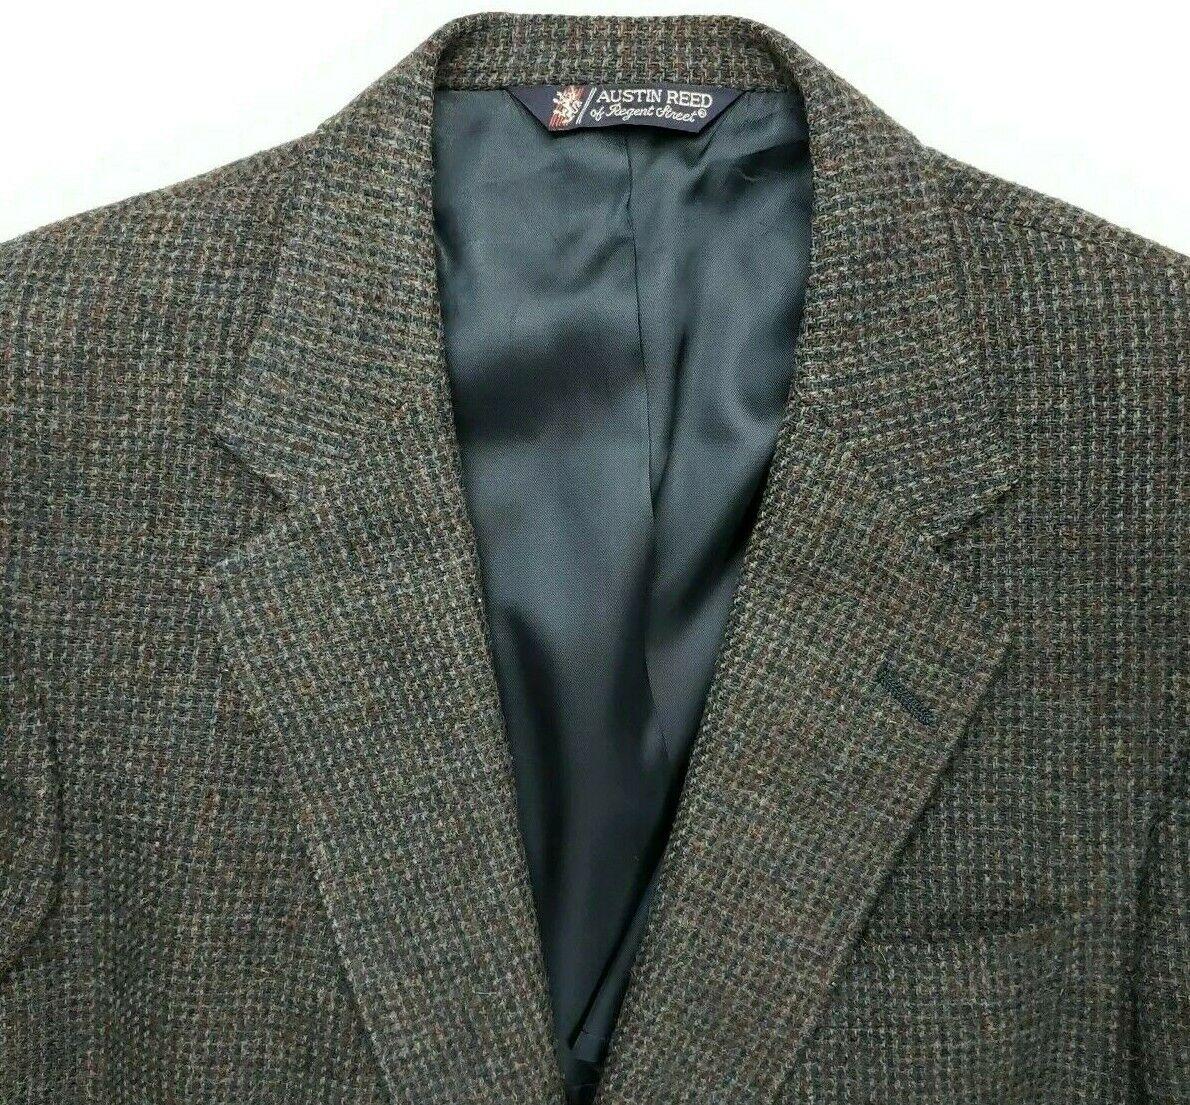 Kupit Austin Reed Mens X Large Sport Coat Suit Jacket Na Aukcion Iz Ameriki S Dostavkoj V Rossiyu Ukrainu Kazahstan